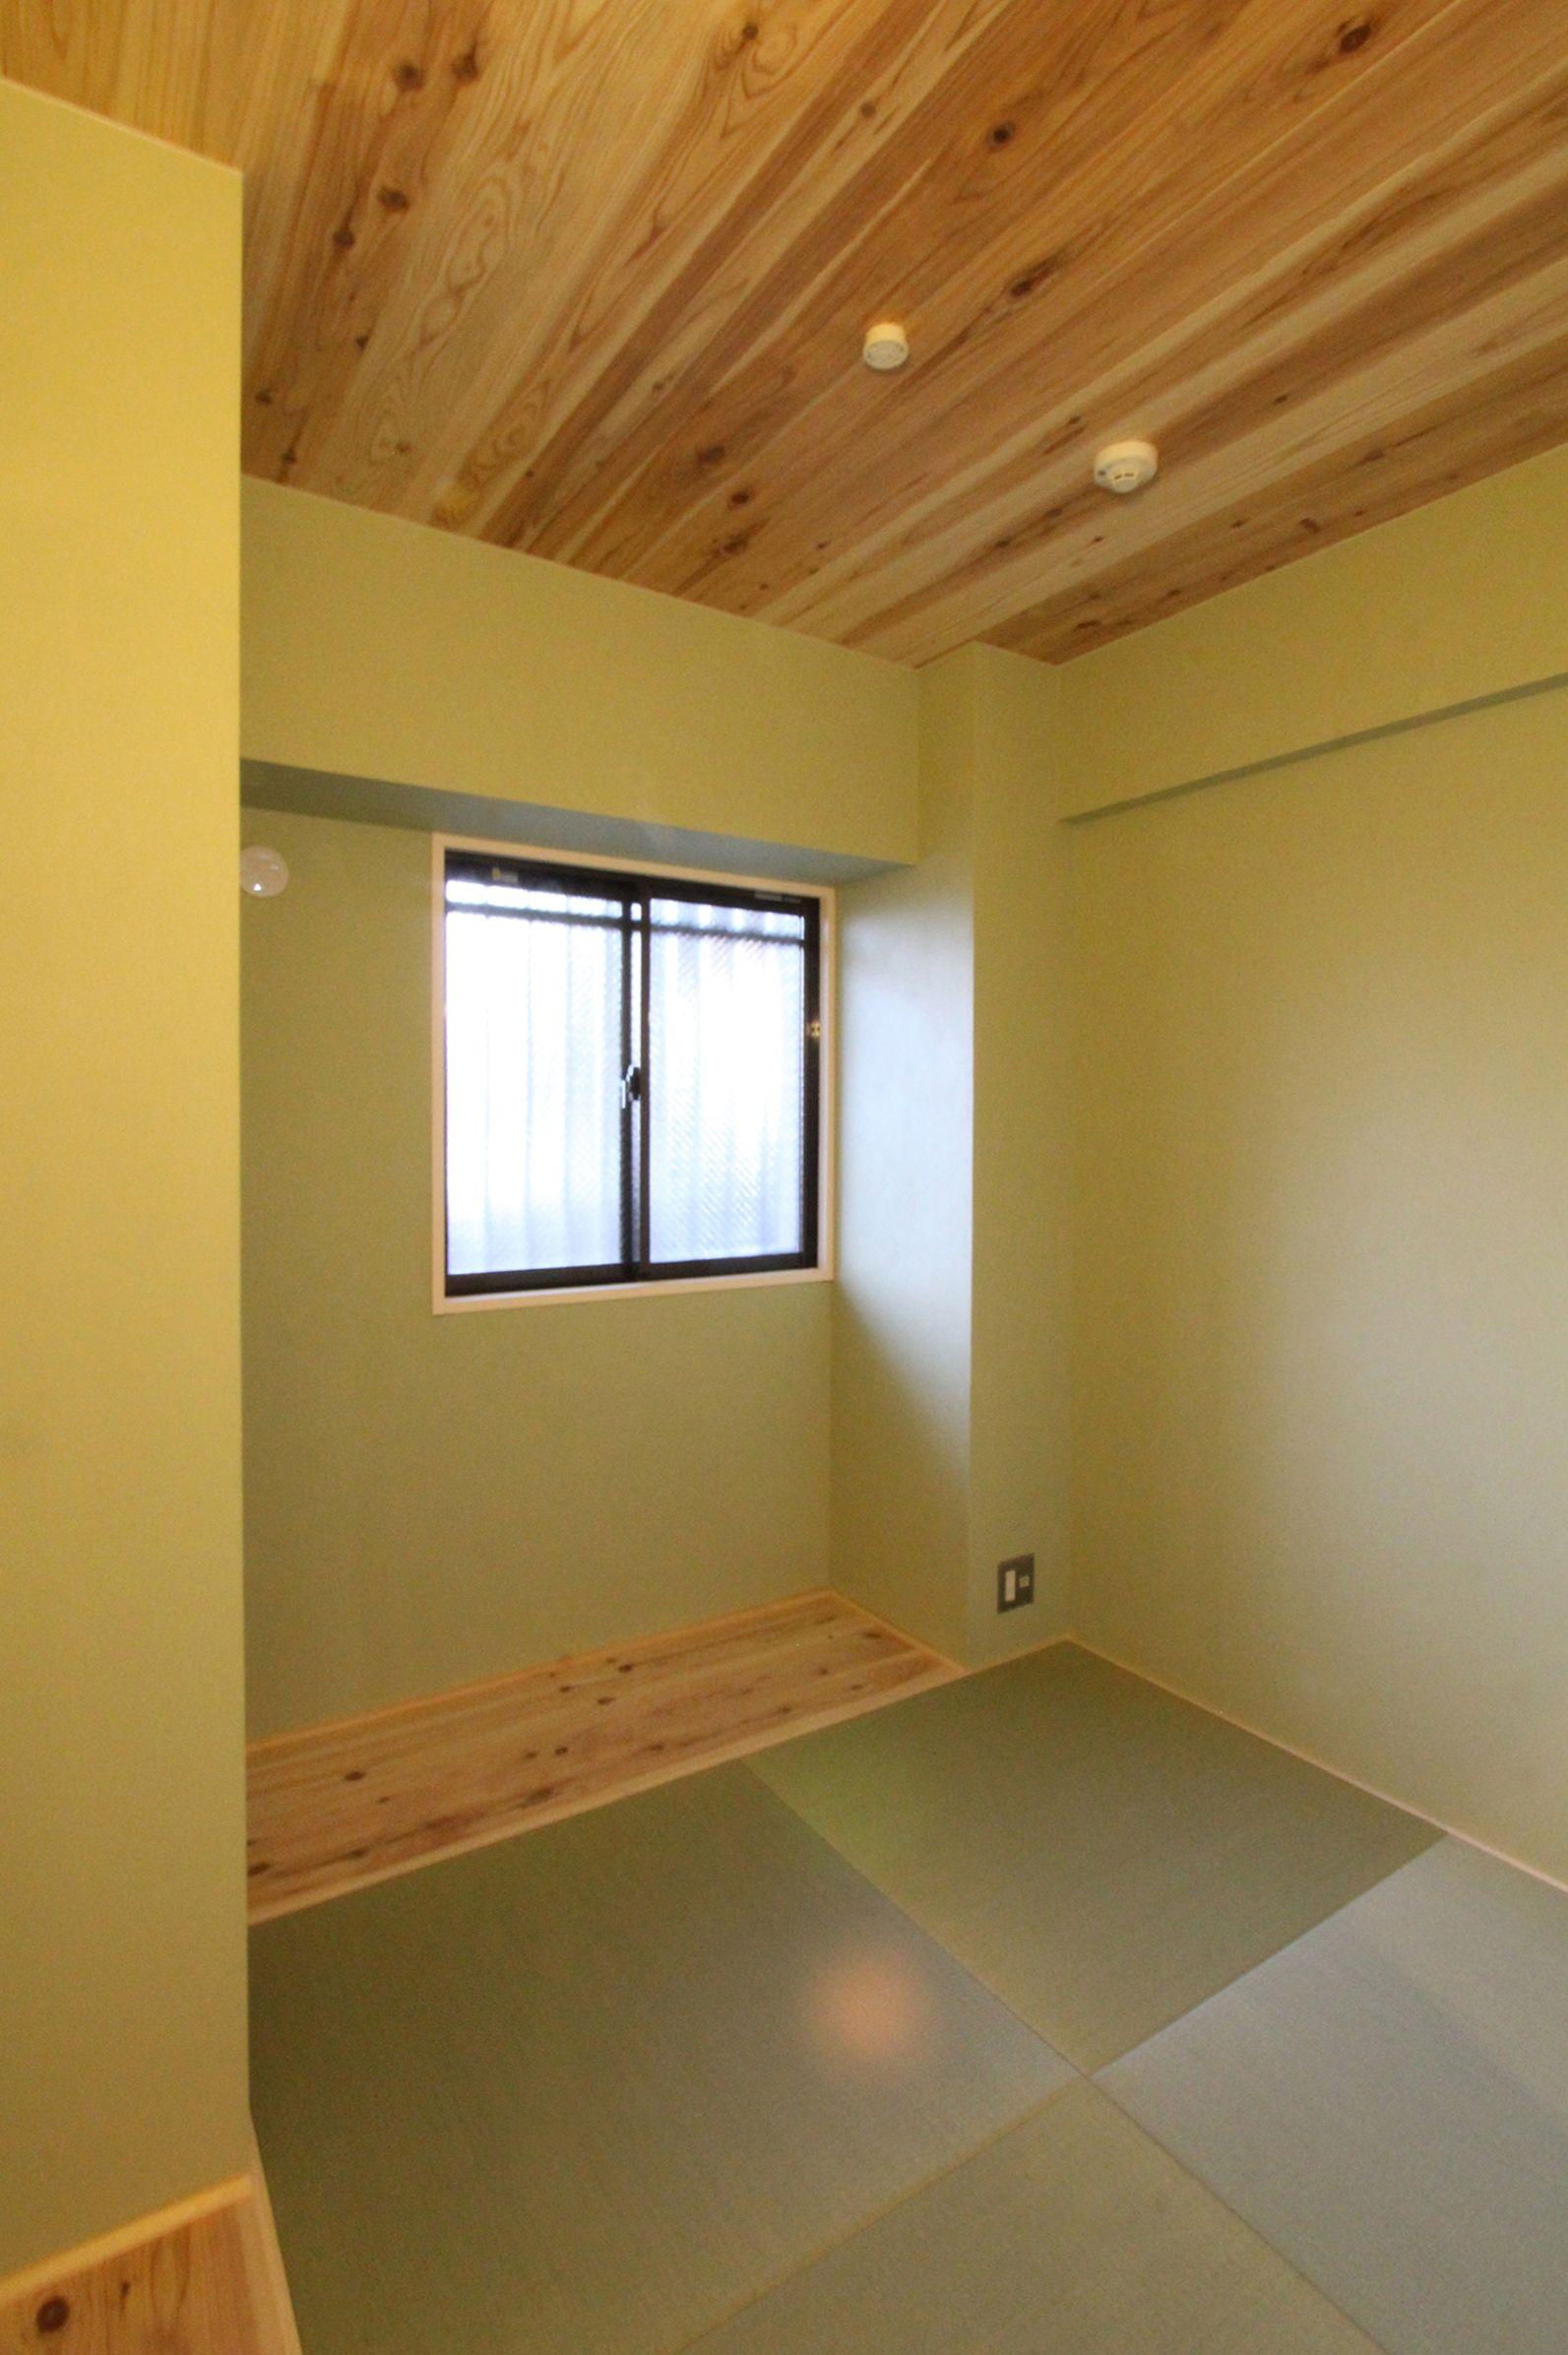 和室 天井板張り フィールドガレージ Fieldgarage Inc リノベーション 和室 天井板 リノベーション インテリア 内装